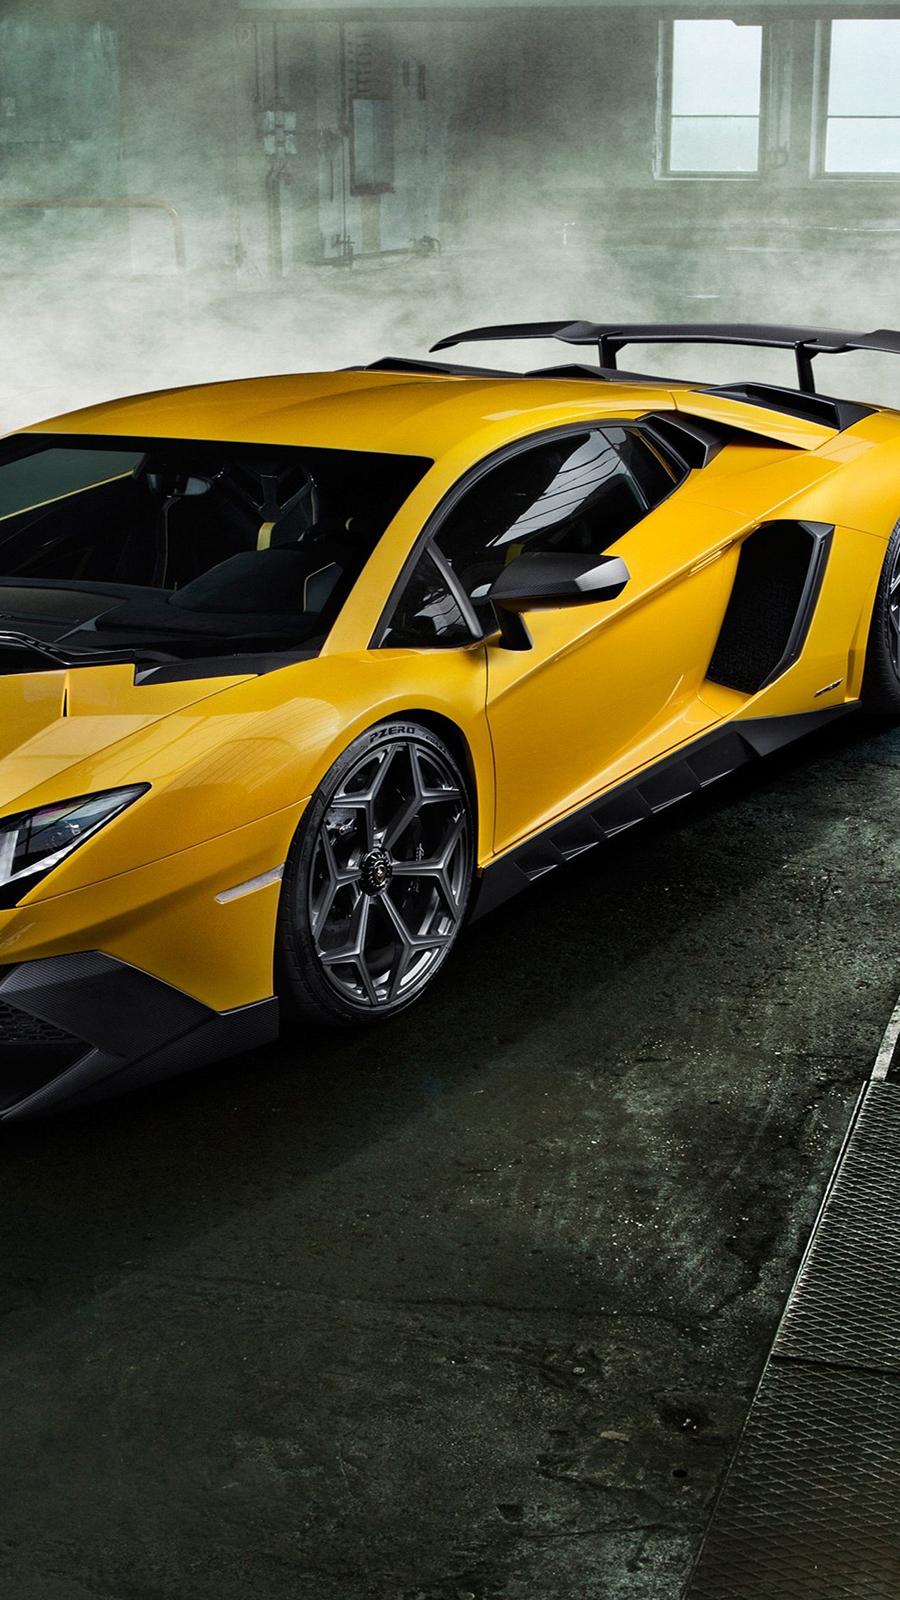 Lamborghini Aventador Wallpapers Download